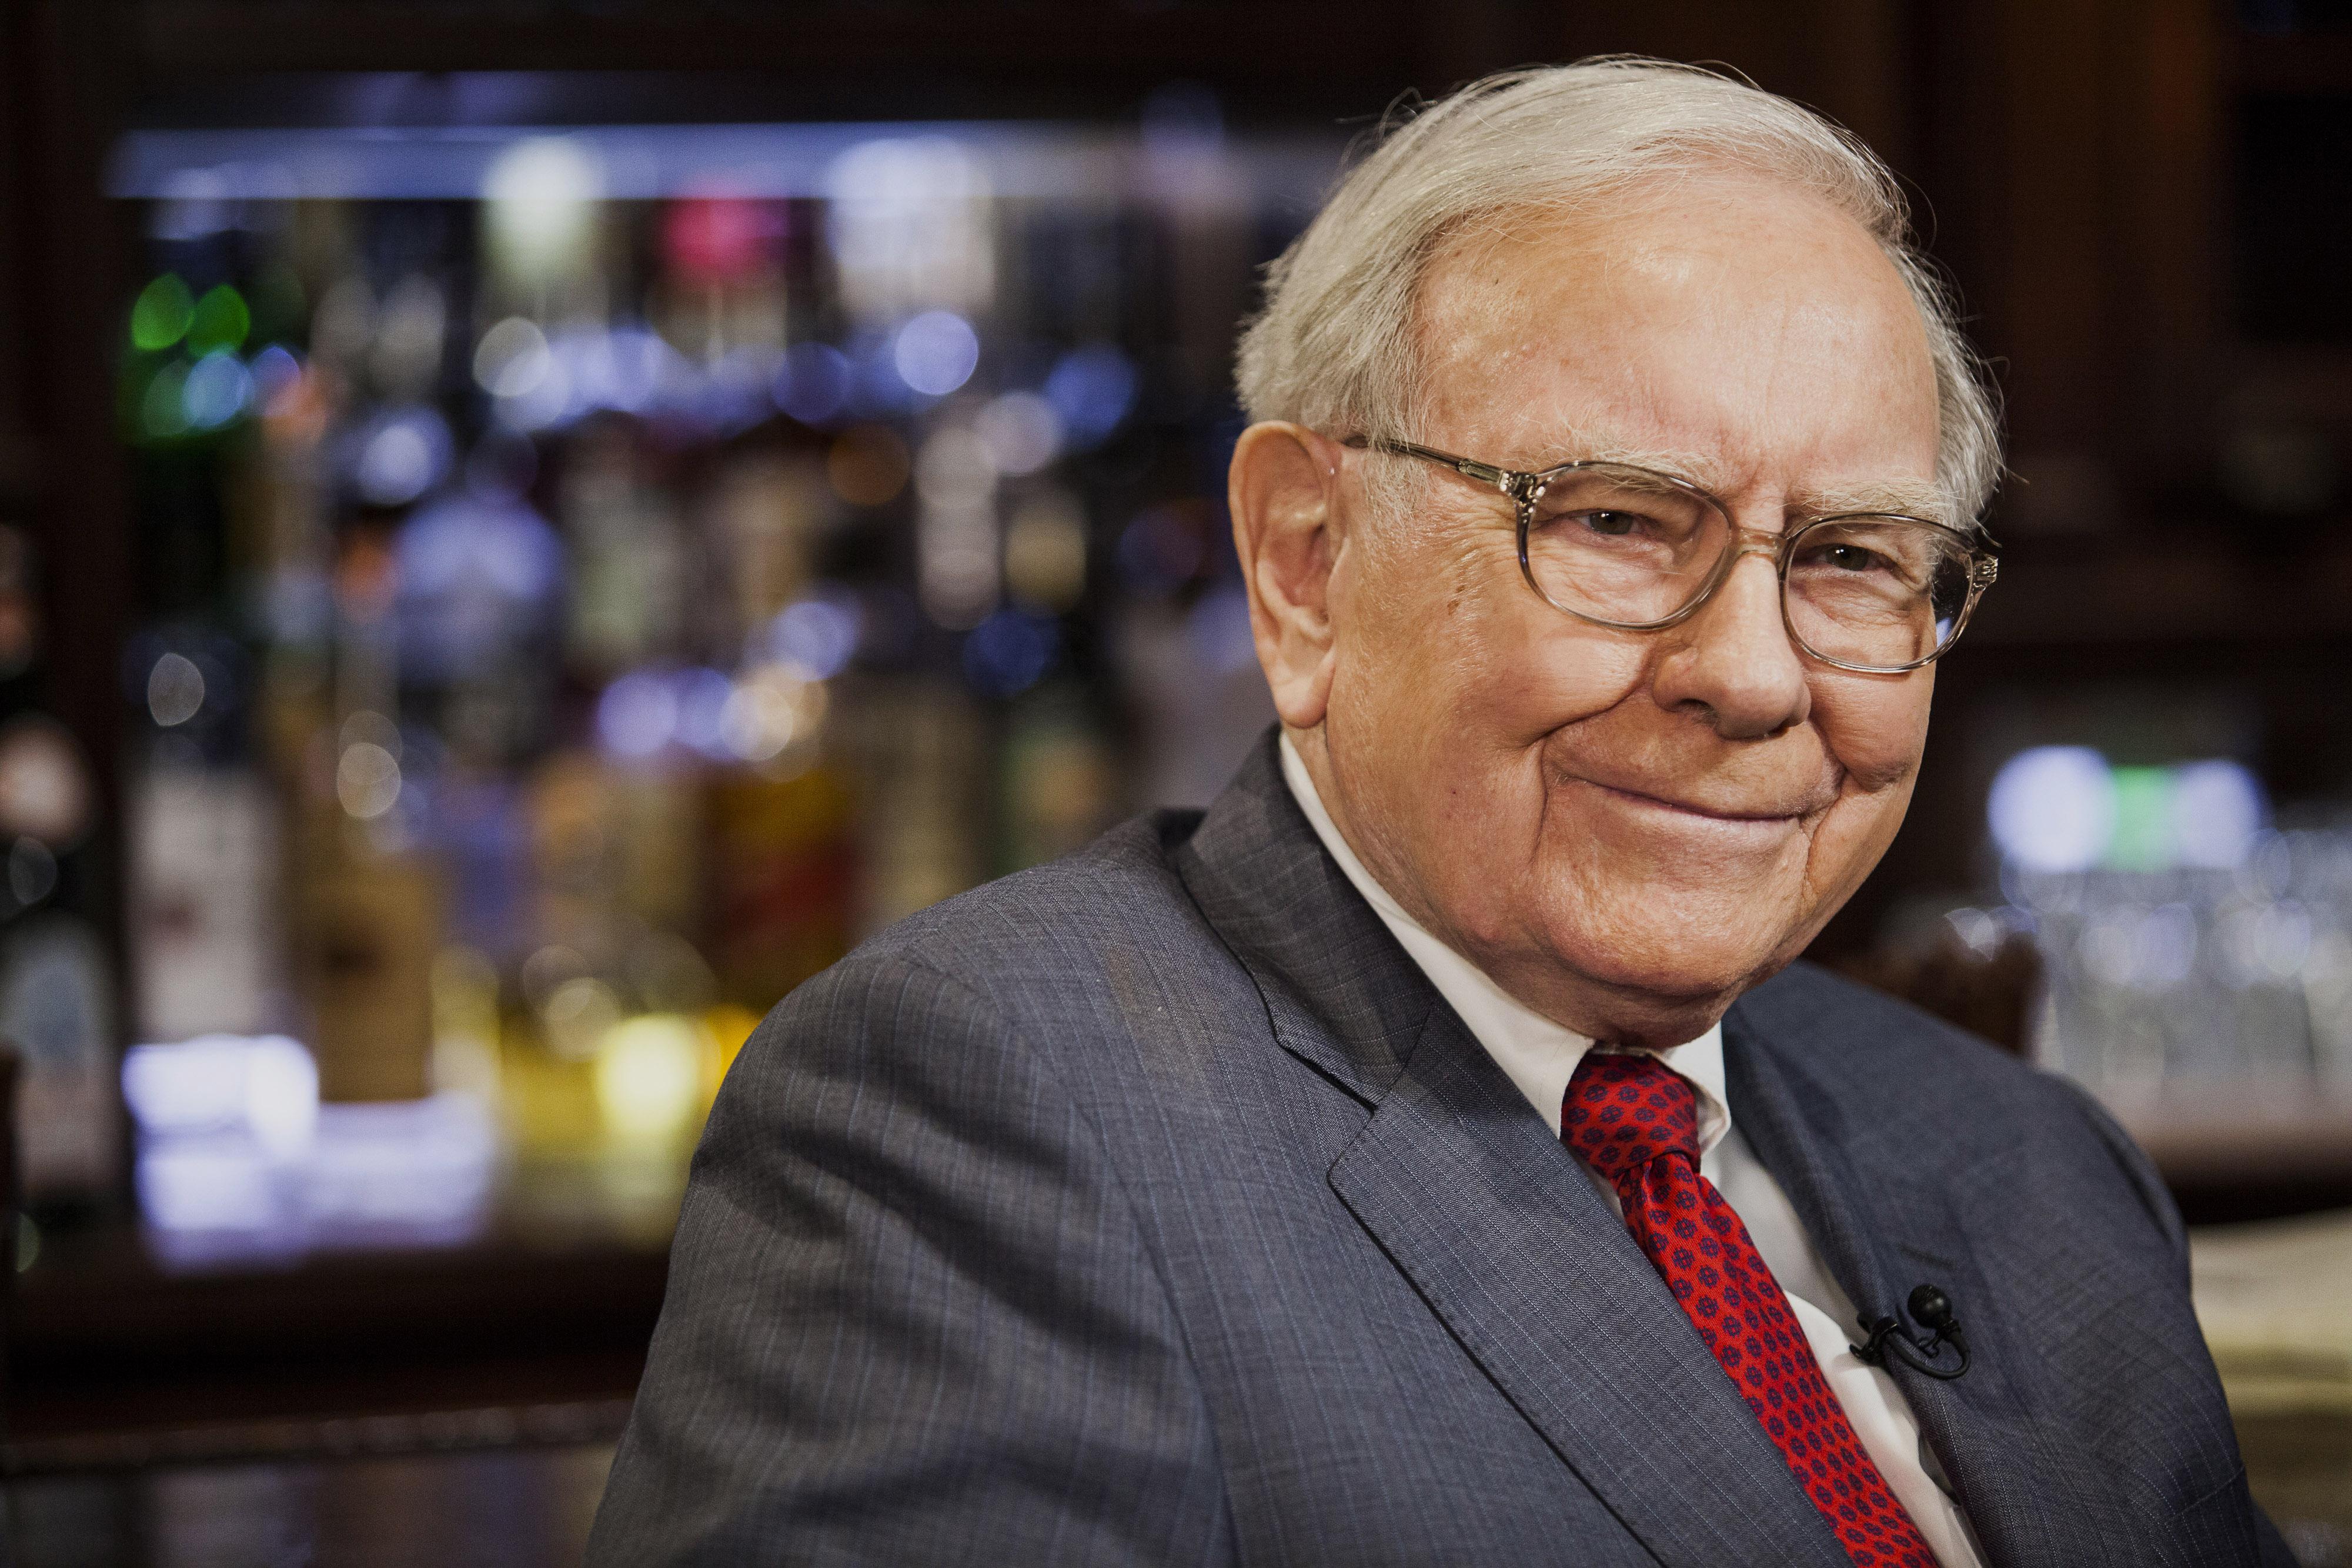 warren-buffet-richest-americans